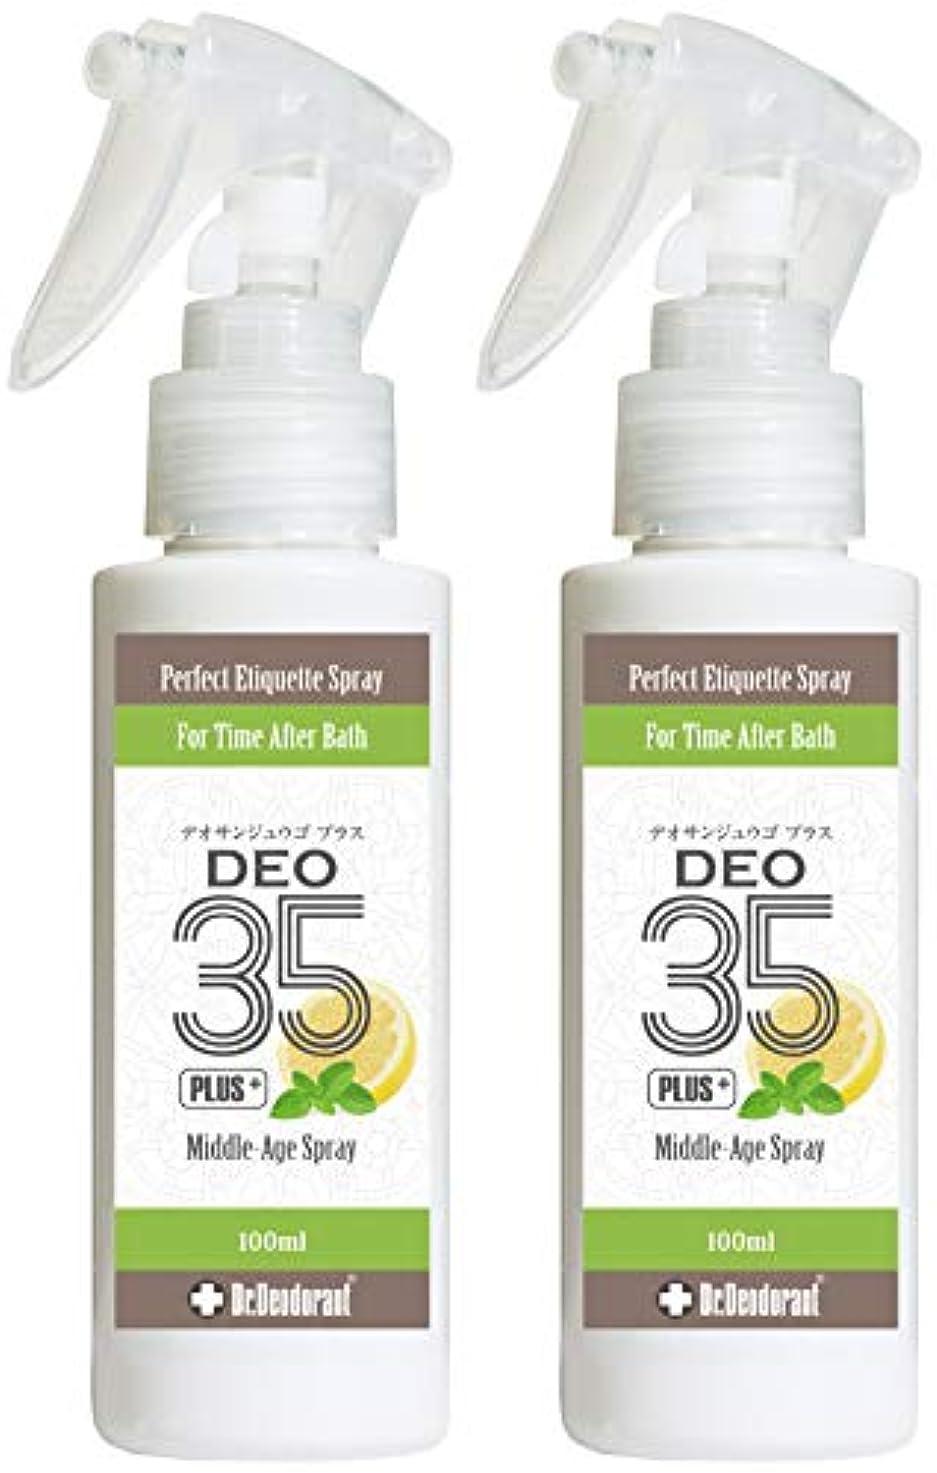 わずかな代名詞リースドクターデオドラント DEO 35 PLUS+(デオサンジュウゴ プラス)(2本セット)